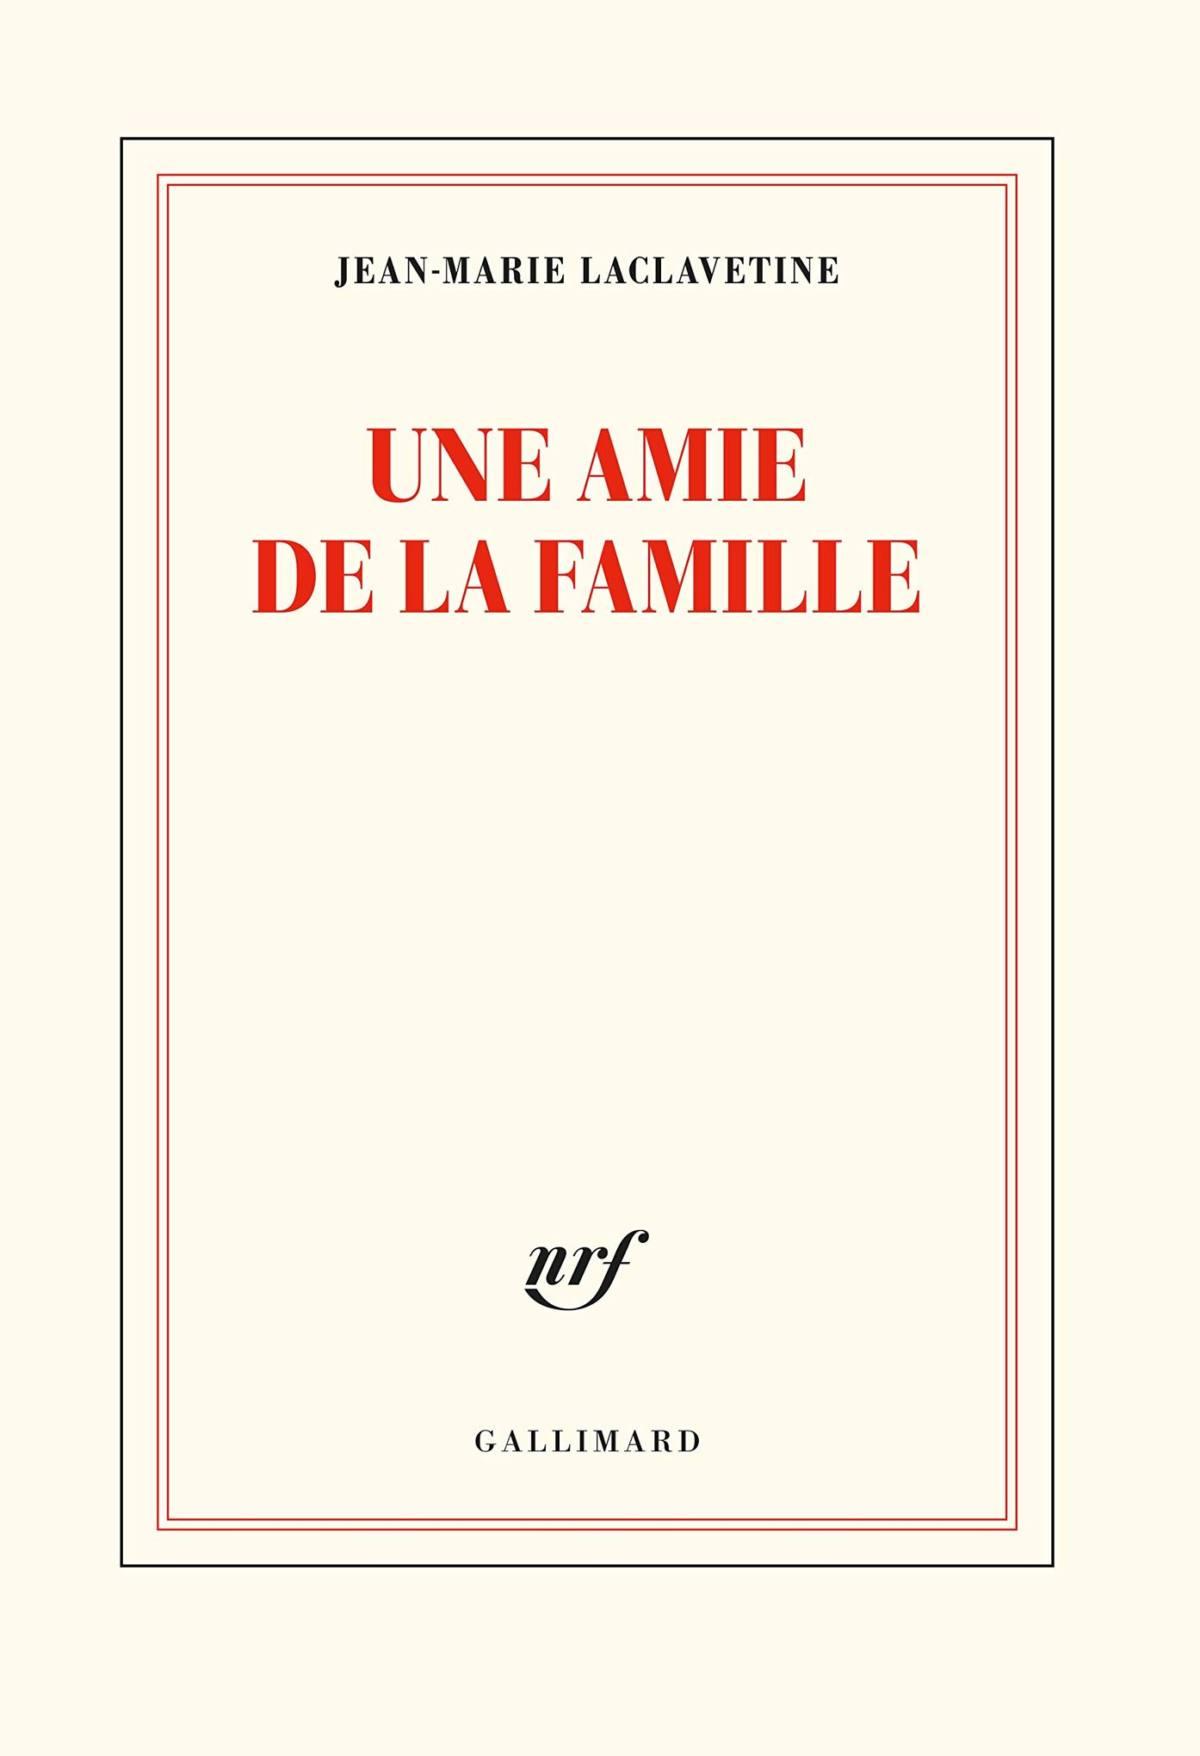 Une amie de la famille- Jean Marie Laclavetine